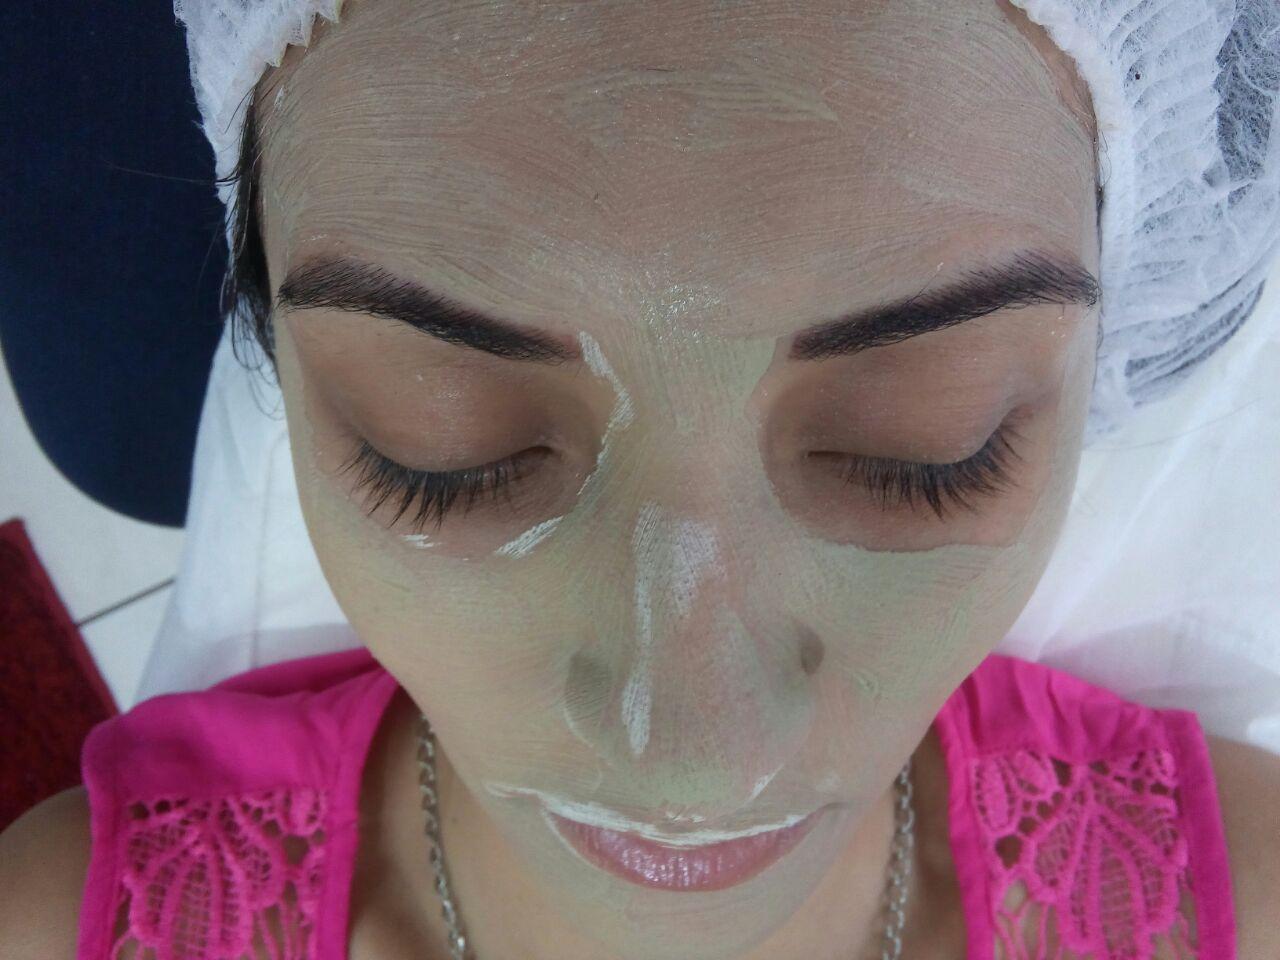 Limpeza de pele com argila verde!  *Efeito secativo adstringente  *Desintoxicação da pele * Esfoliação * Diminuição de oleosidade * Hidratação profunda esteticista